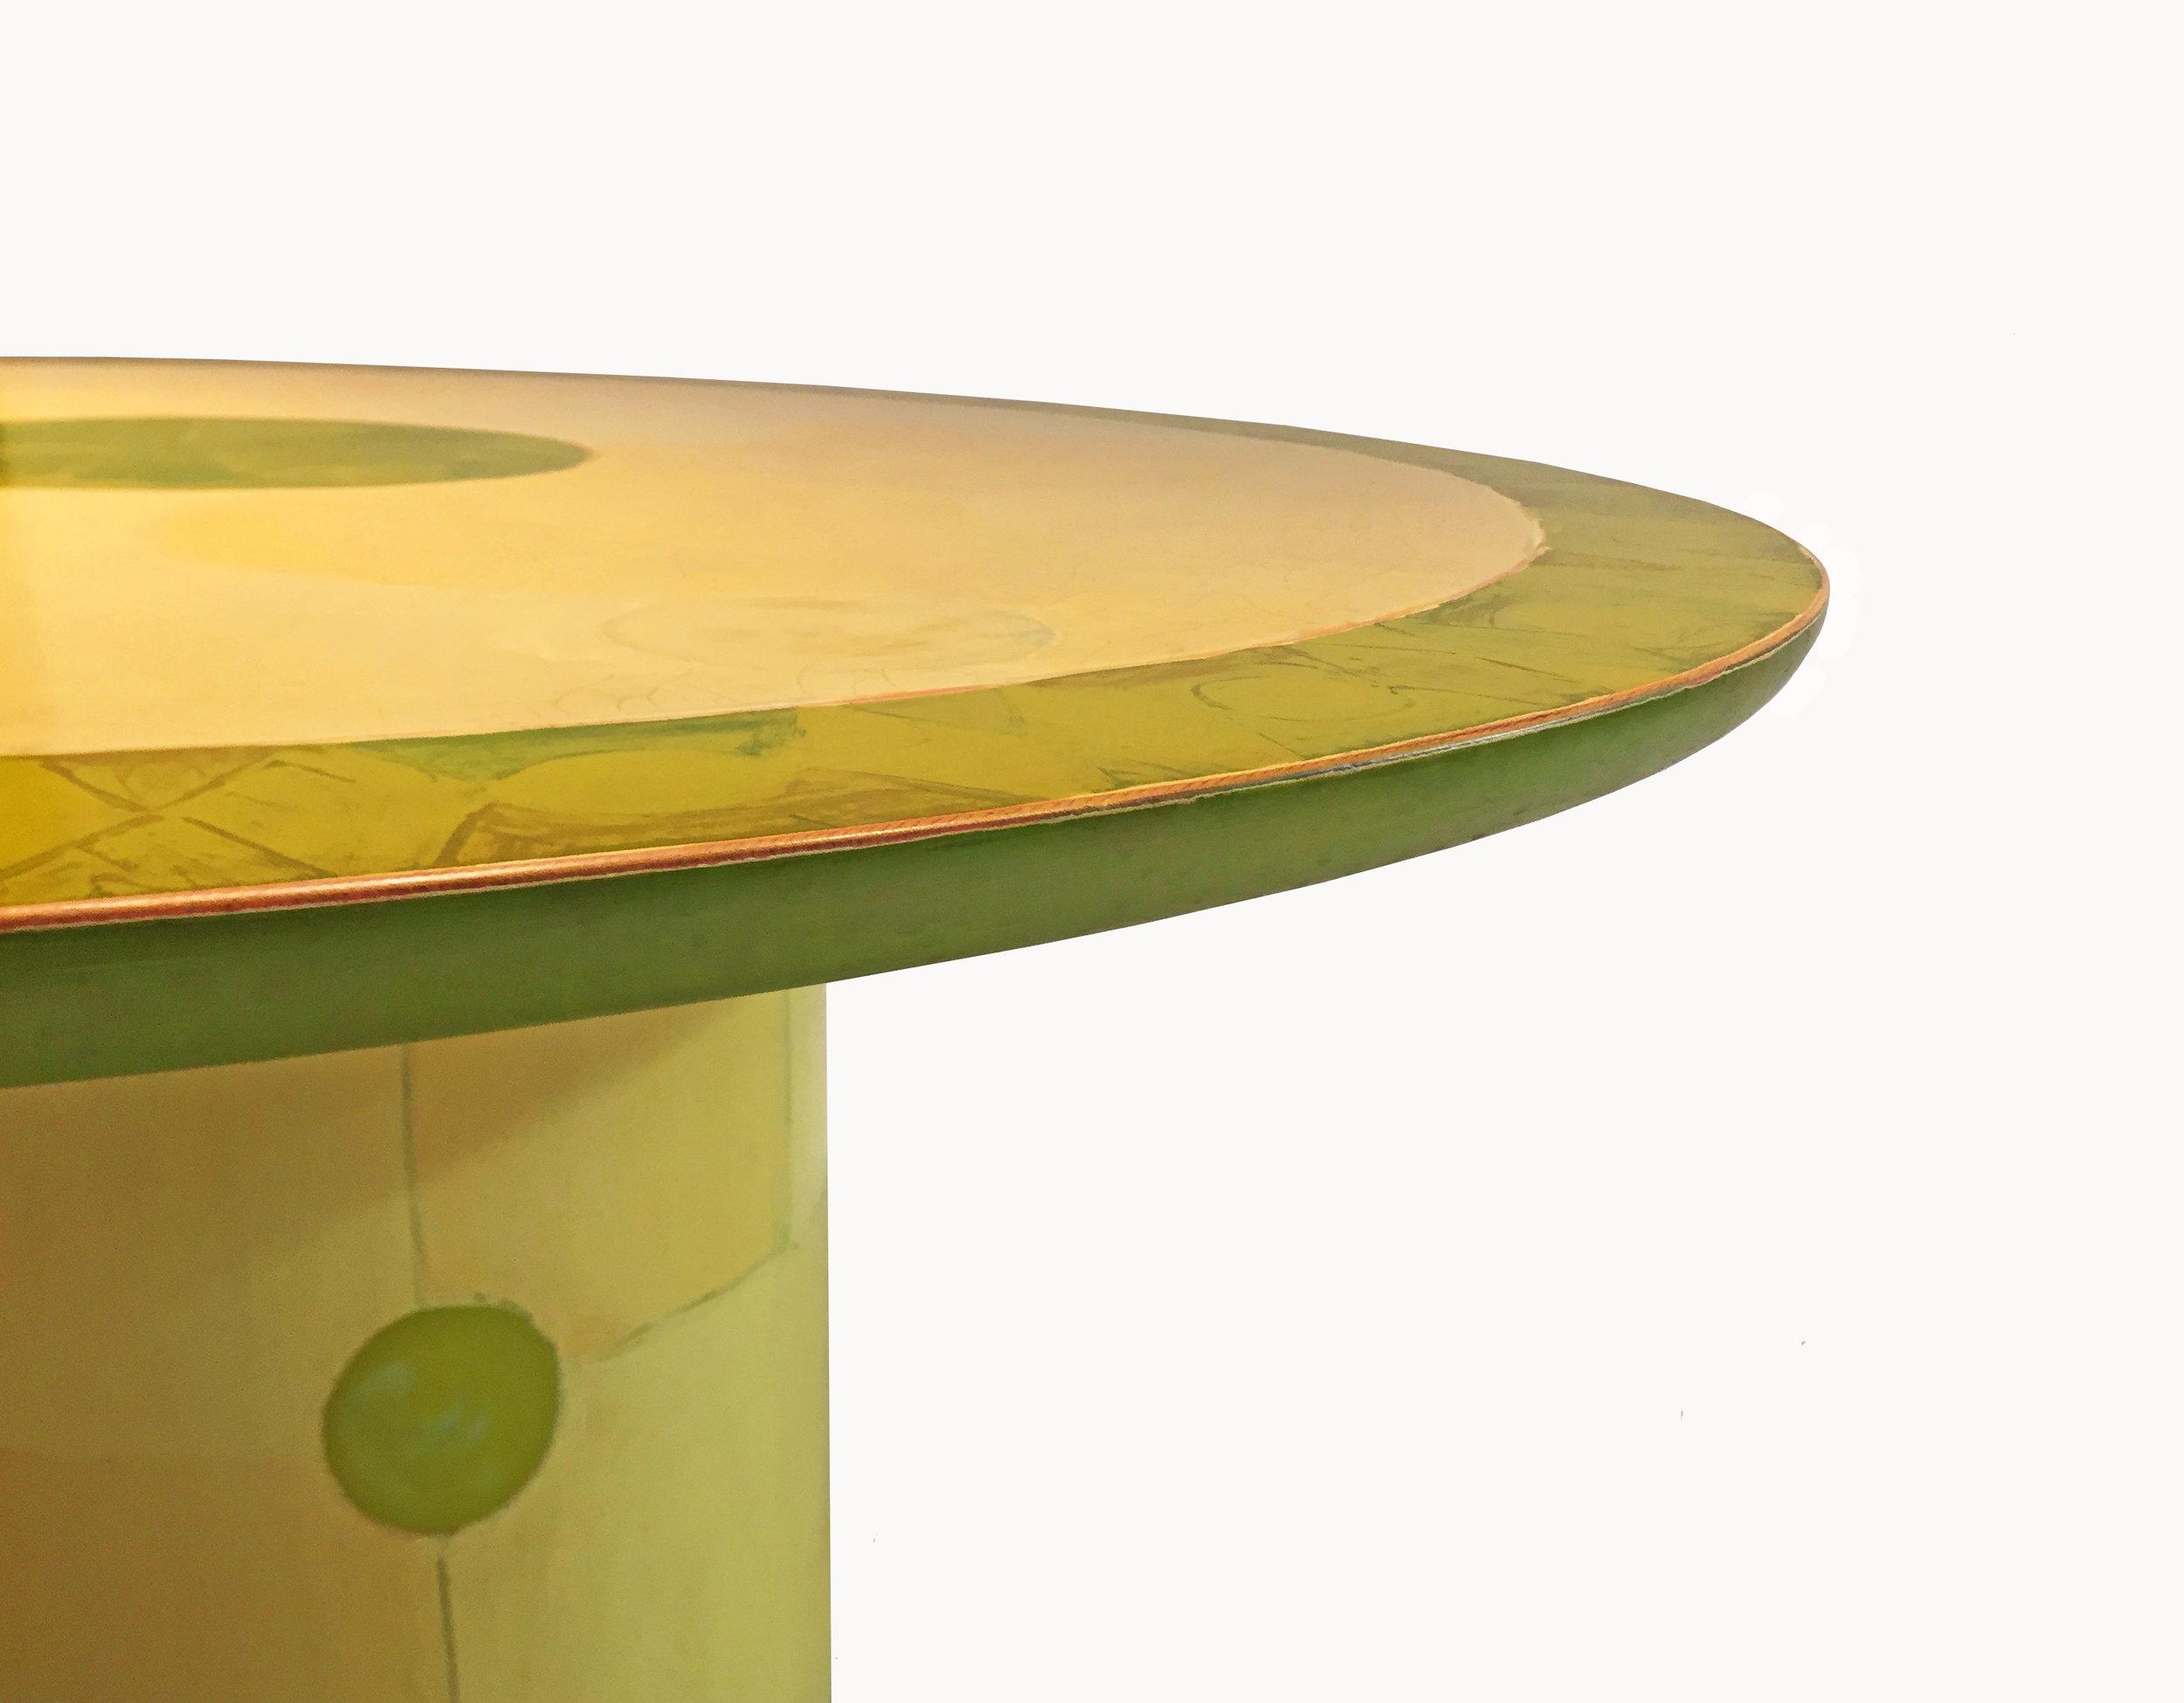 Rshull table 9.jpg